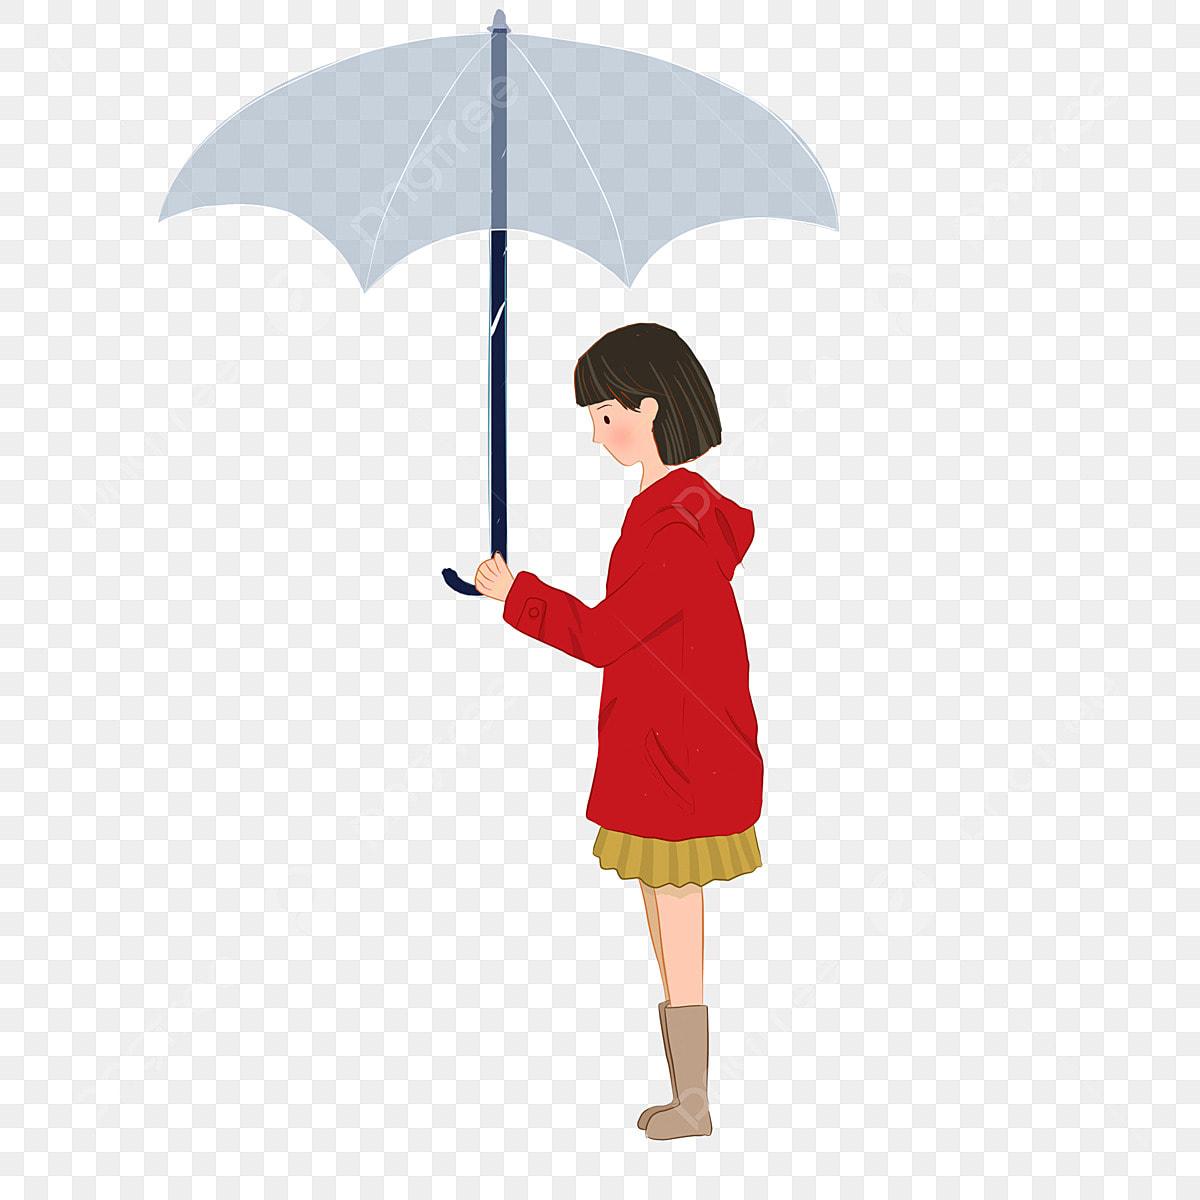 赤い女の子 傘 傘 かわいい女の子, 赤いドレスの女の子が傘無料